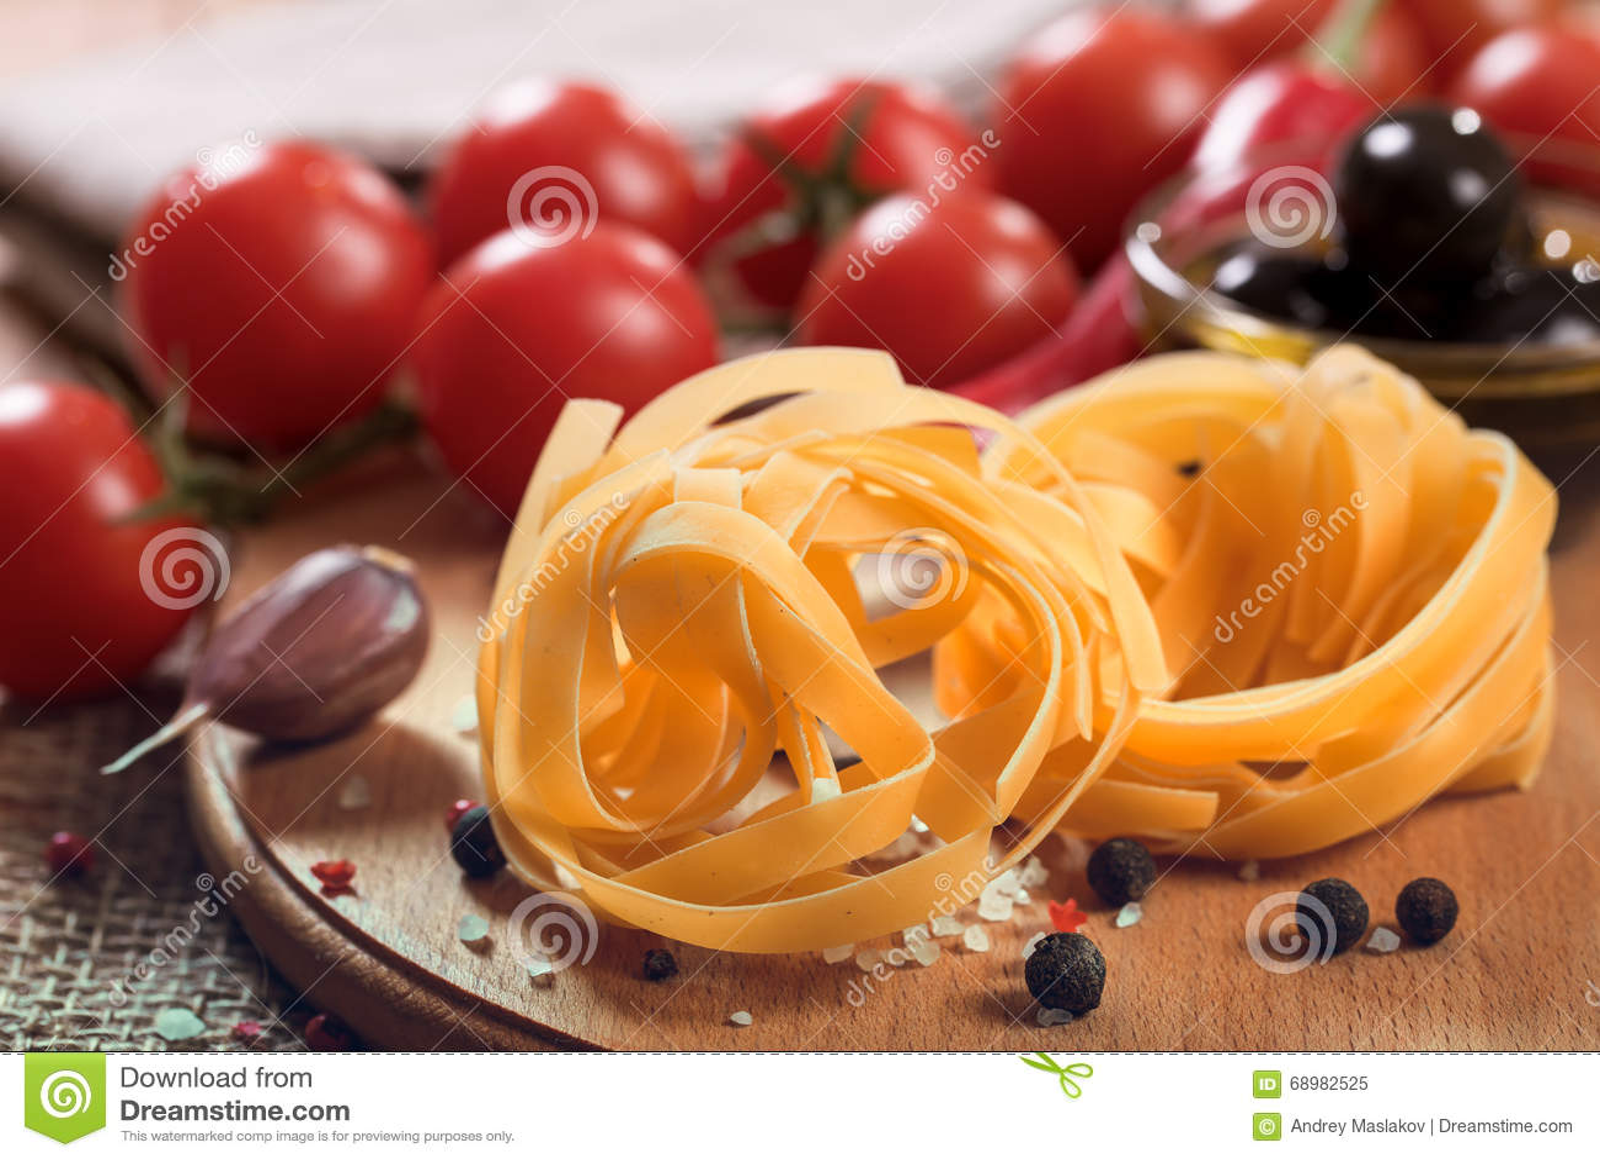 Pastas crudas del fettuccine en el tablero de madera